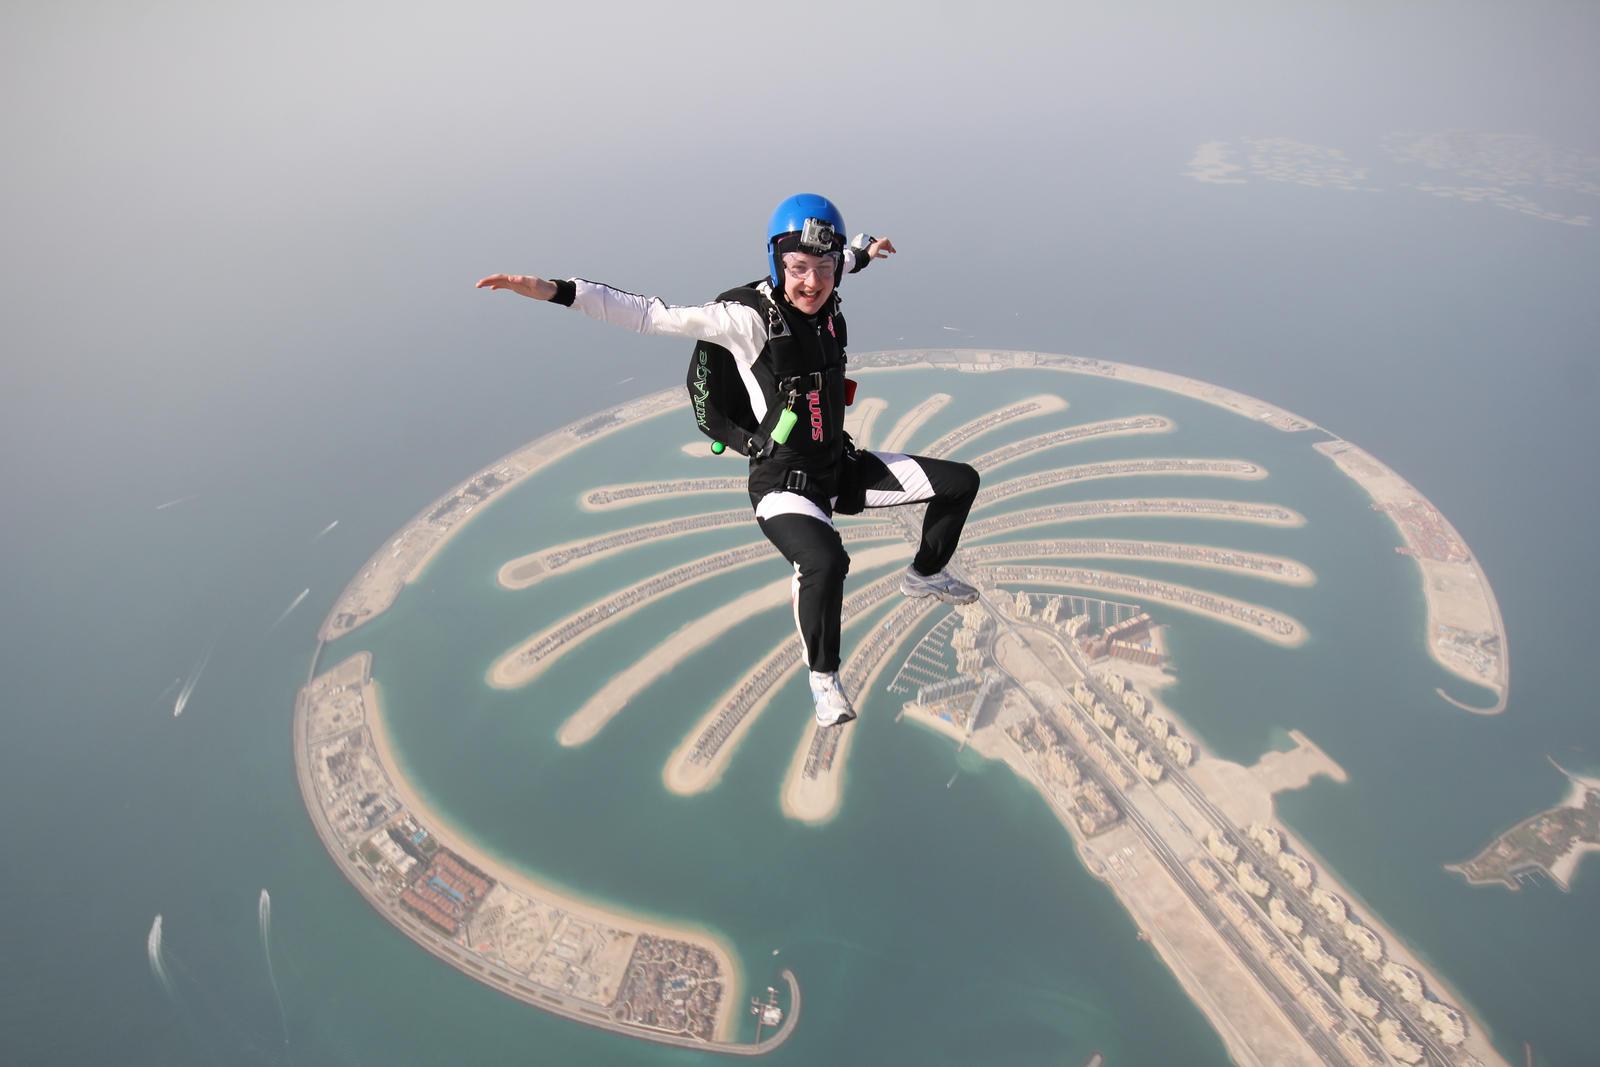 прыжок с парашютом девушка фото